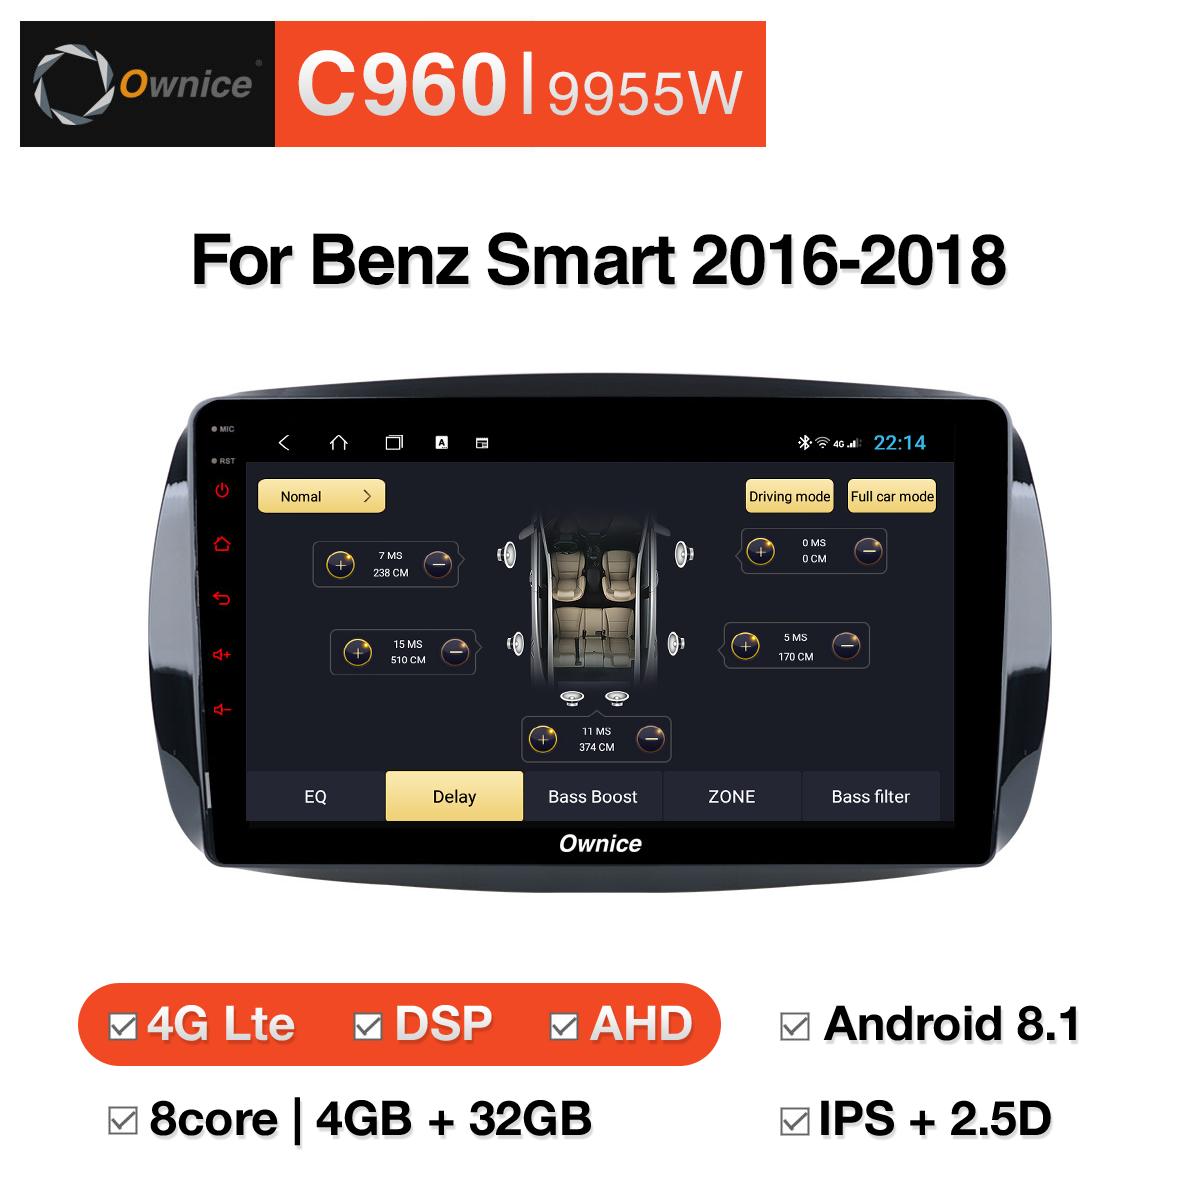 Đầu DVD android Ownice C960 cho xe ô tô Benz Smart 2016 - 2018:: OL - 9955W